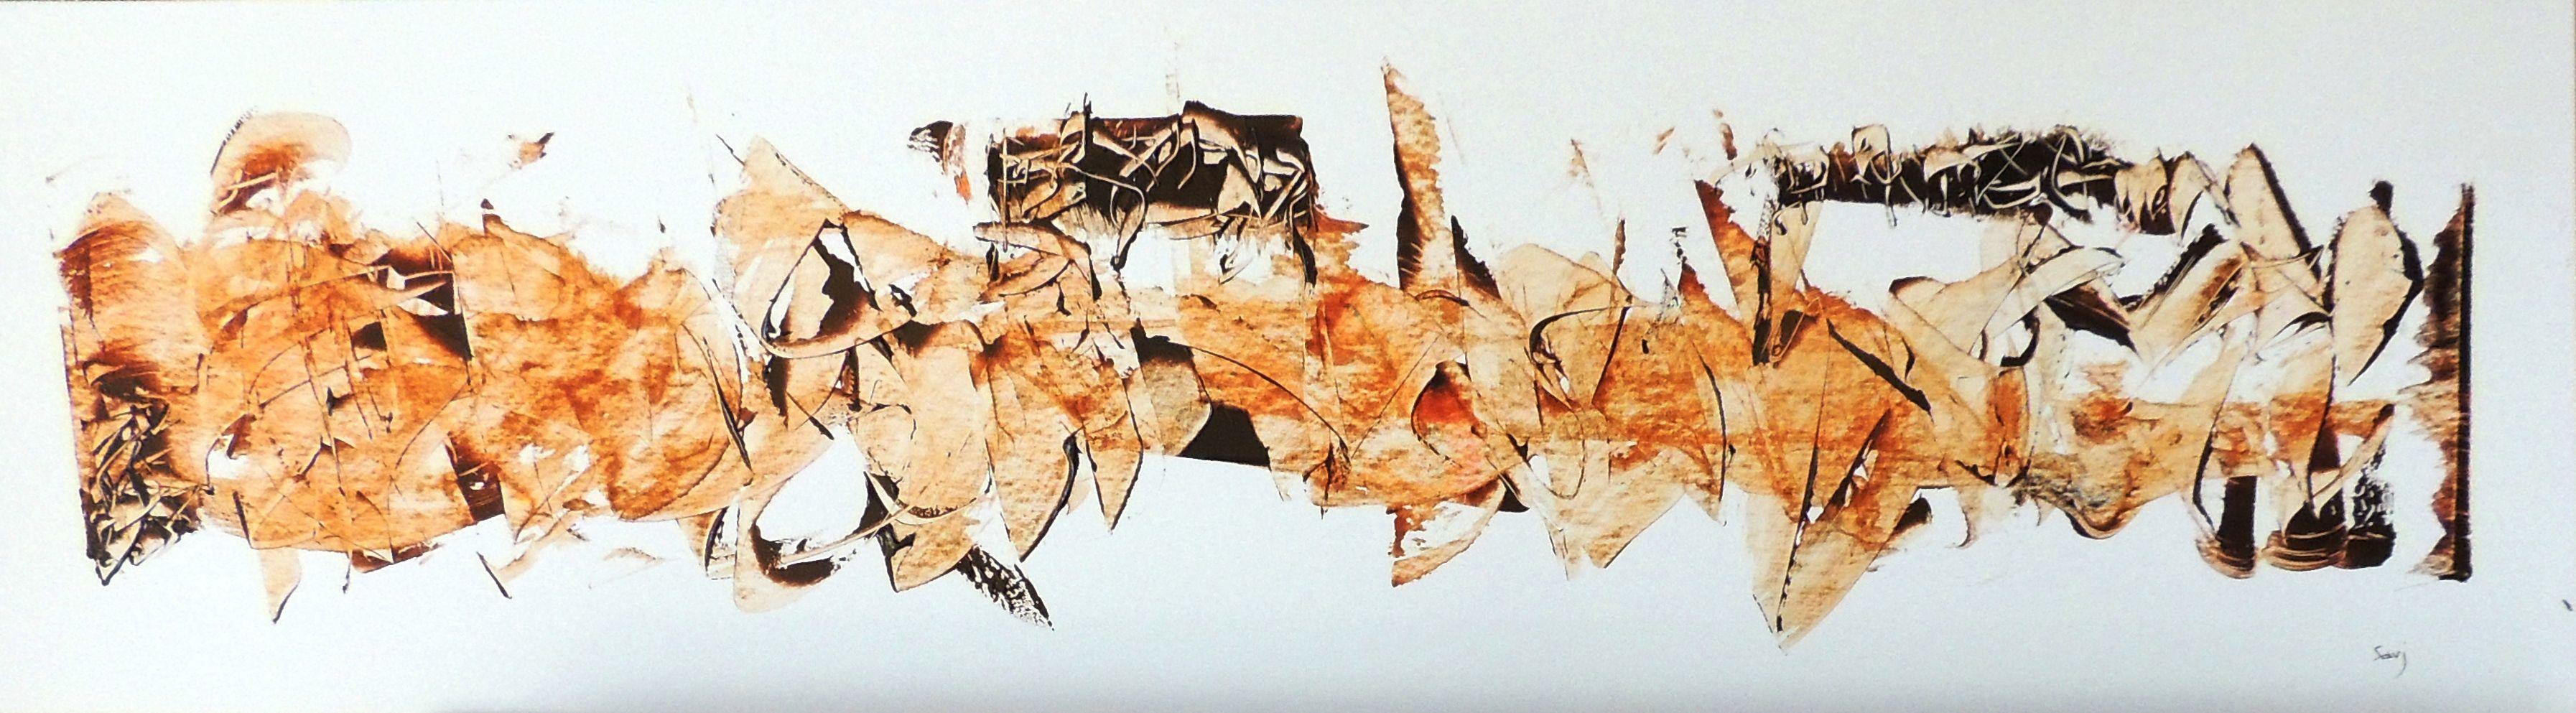 jean claude savi peinture acrylique sur papier 4